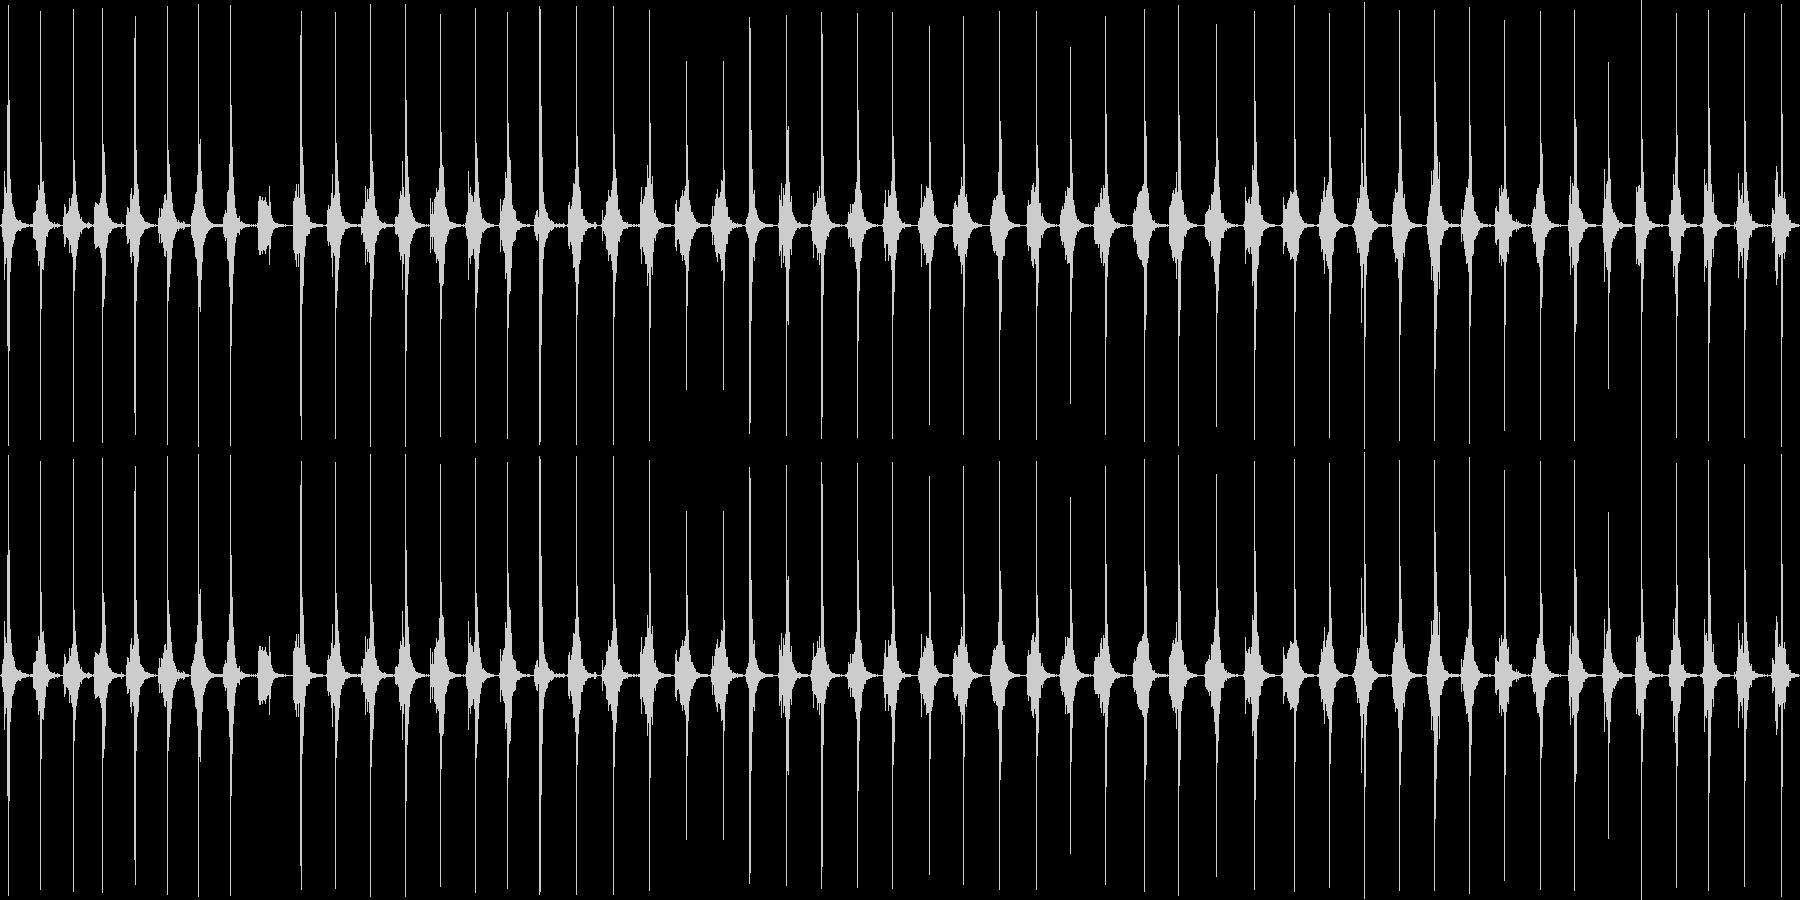 トントントンザクザクザクの未再生の波形